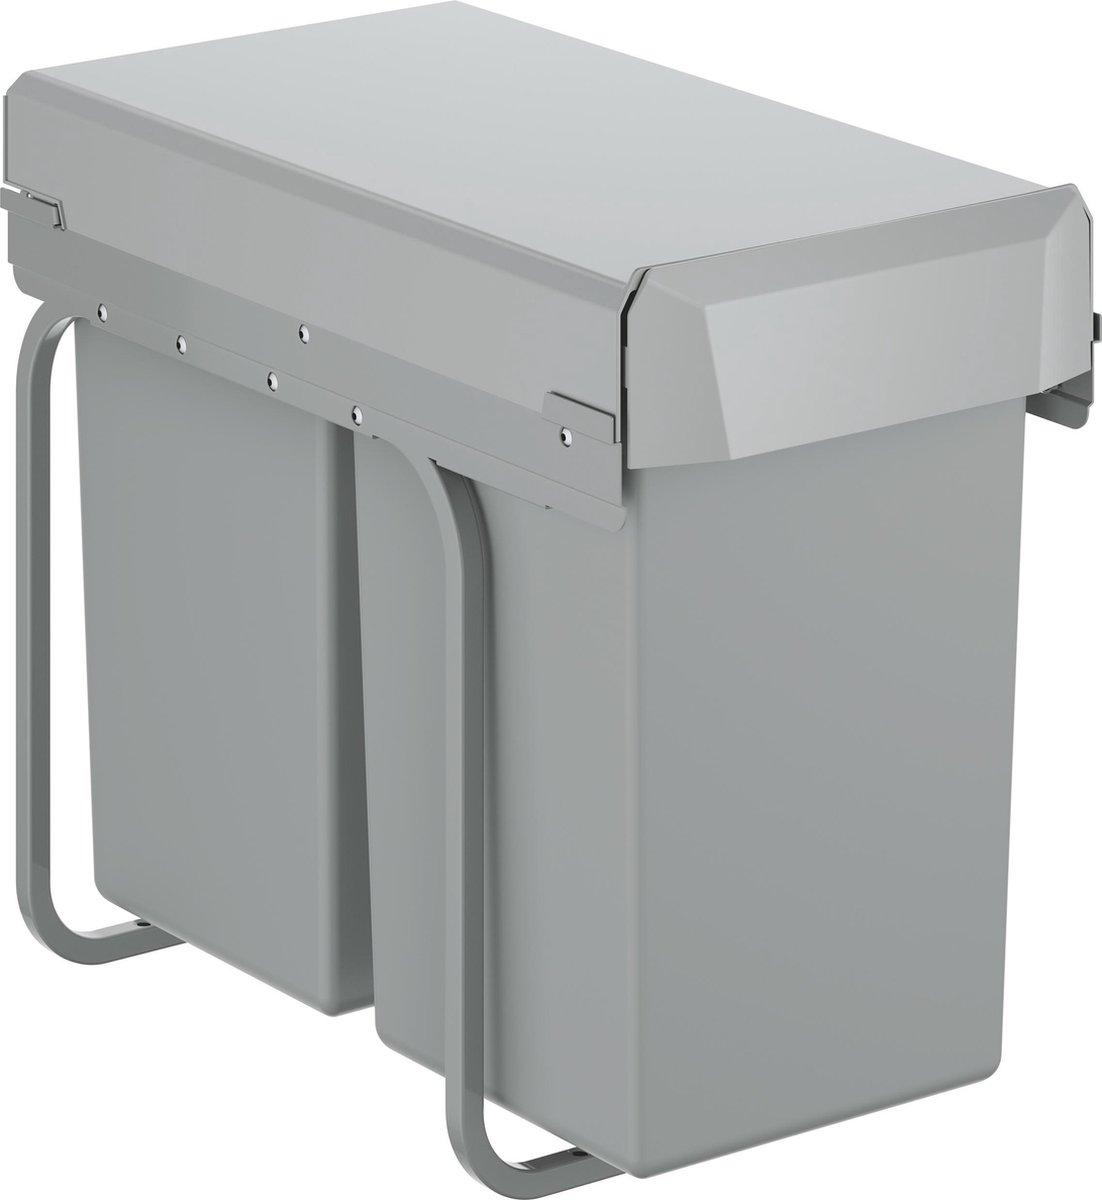 GROHE Inbouw Prullenbak - 2 afvalbakken (2x15L) - 40855000